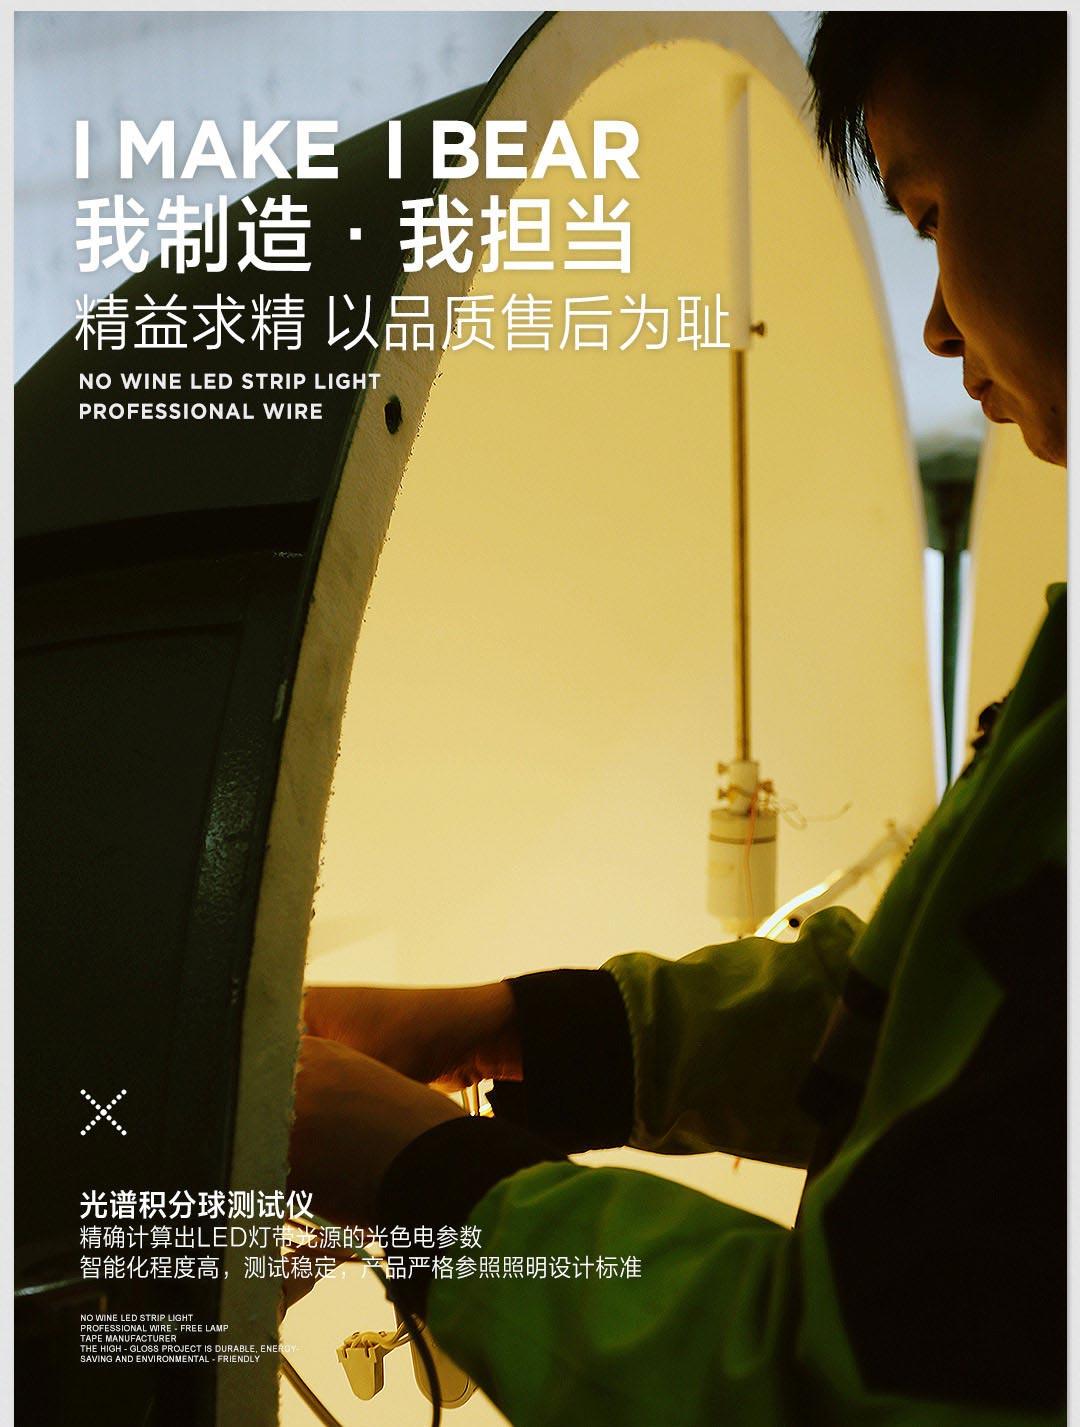 湘派光谱积分球测试仪